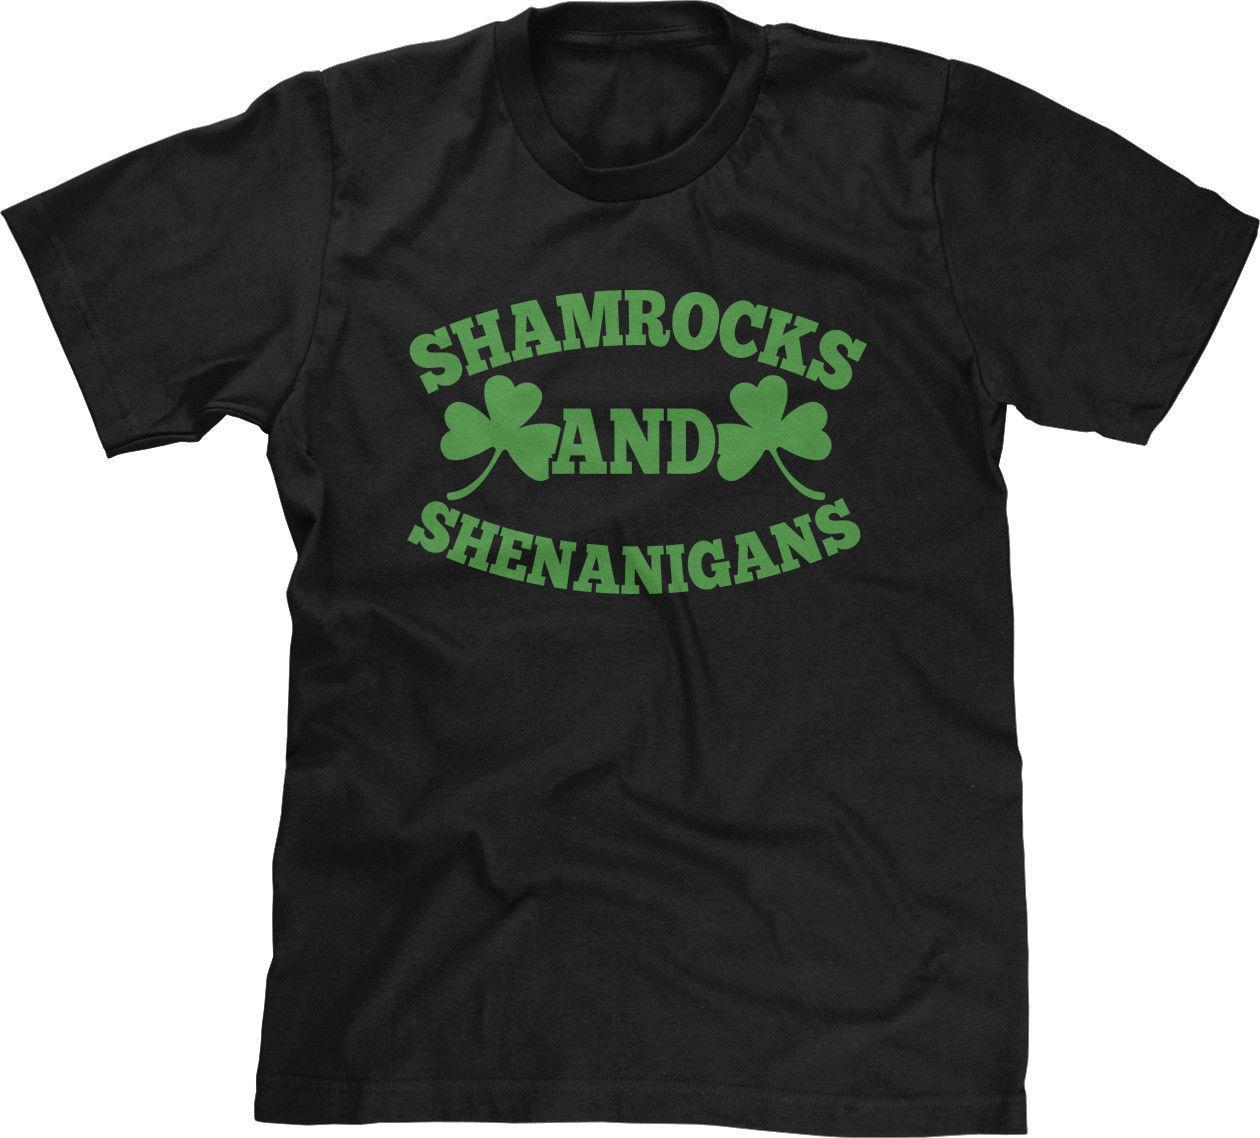 d090bebf5 Shamrocks And Shenanigans Green St Patricks Day Party Slogan Saying Mens  Tee Personality 2018 Brand T Shirt Top Tees Short Sleeve Vintage T Shirts  Band T ...